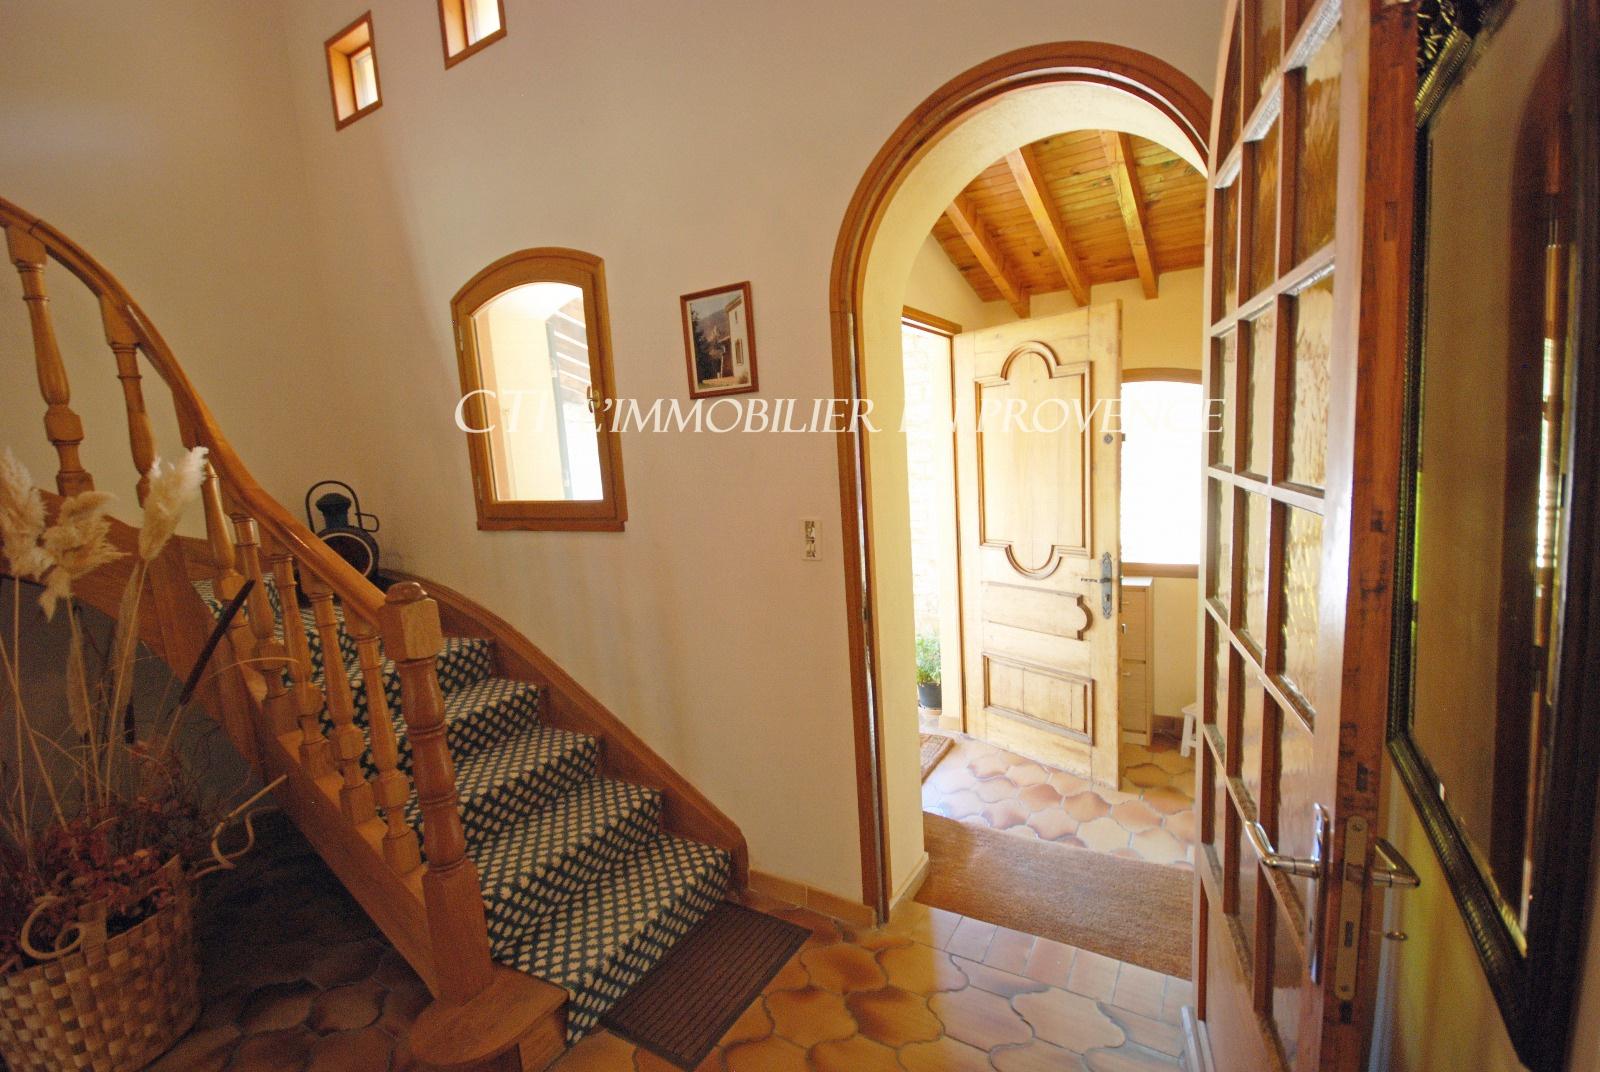 0 www.cti-provence.net, vente propriété en Drôme provençale, chambres d'h